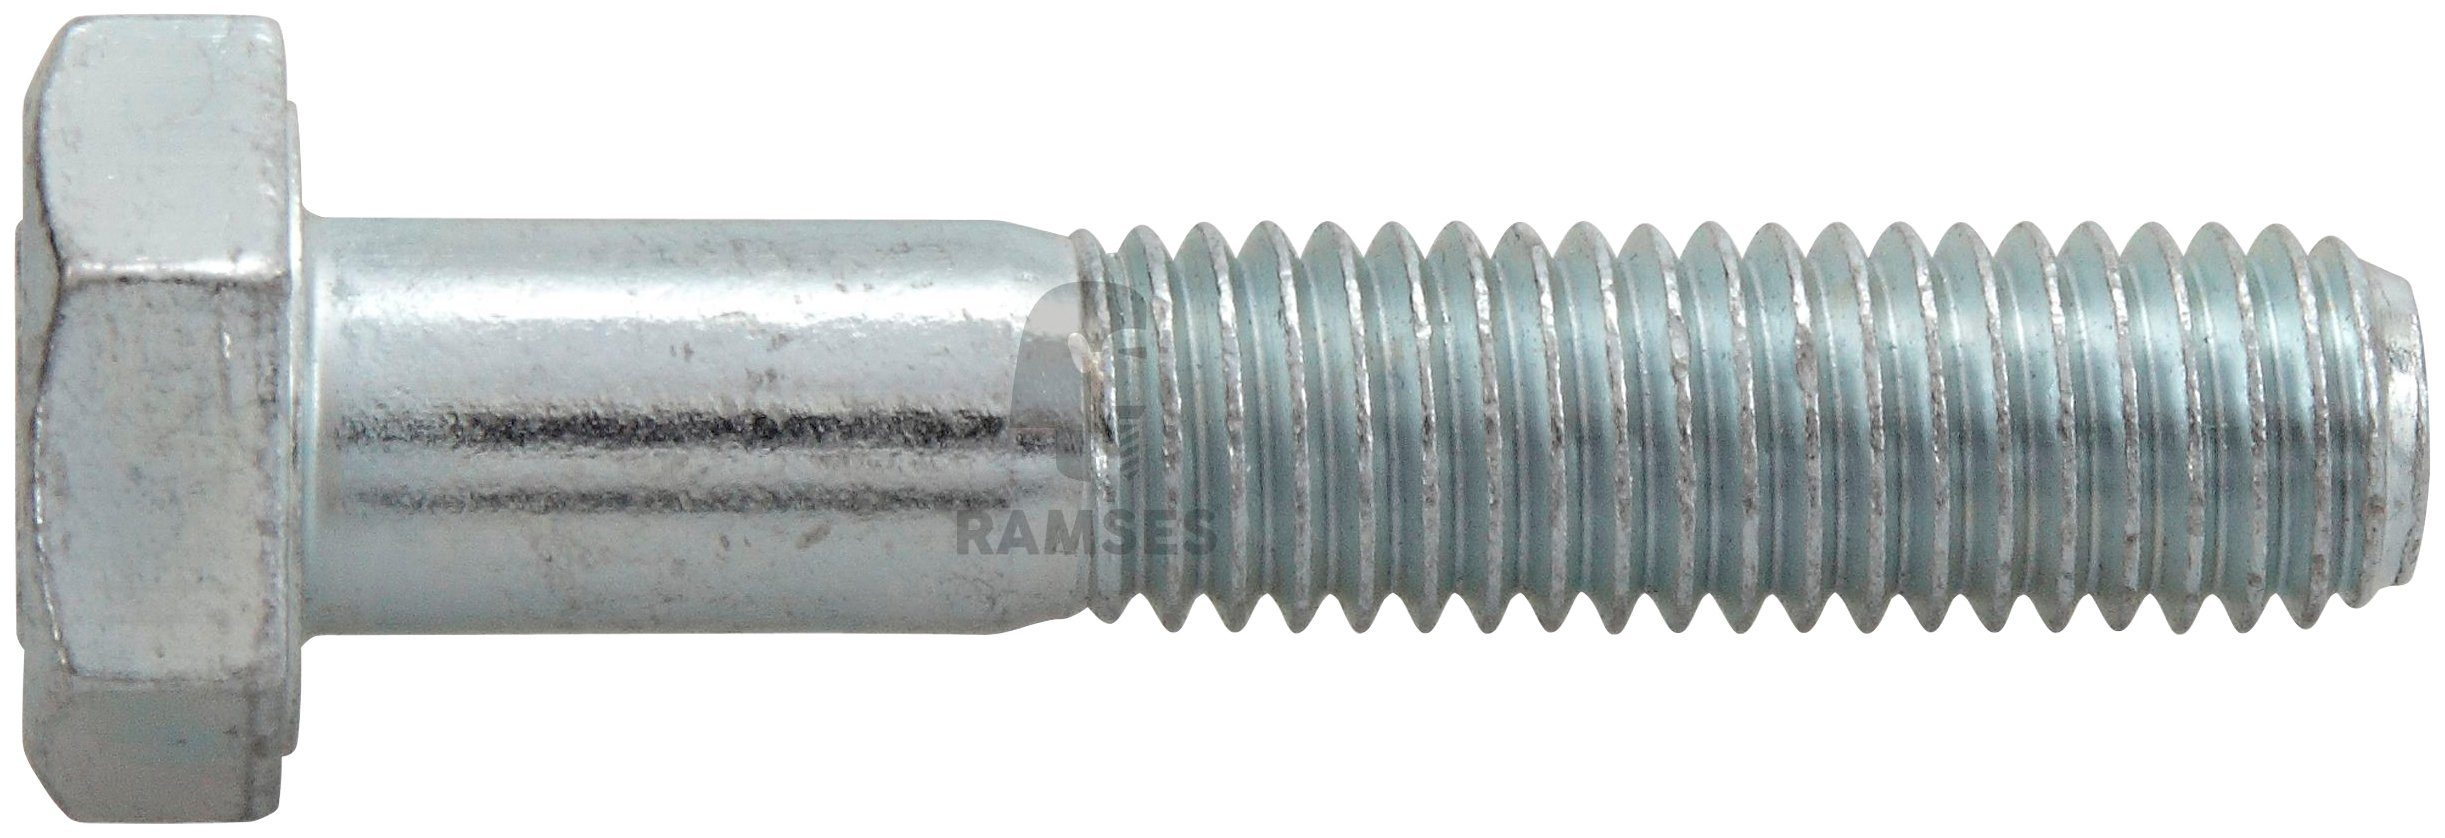 RAMSES Schrauben , Sechskantschraube M8 x 100 mm SW13 50 Stk.